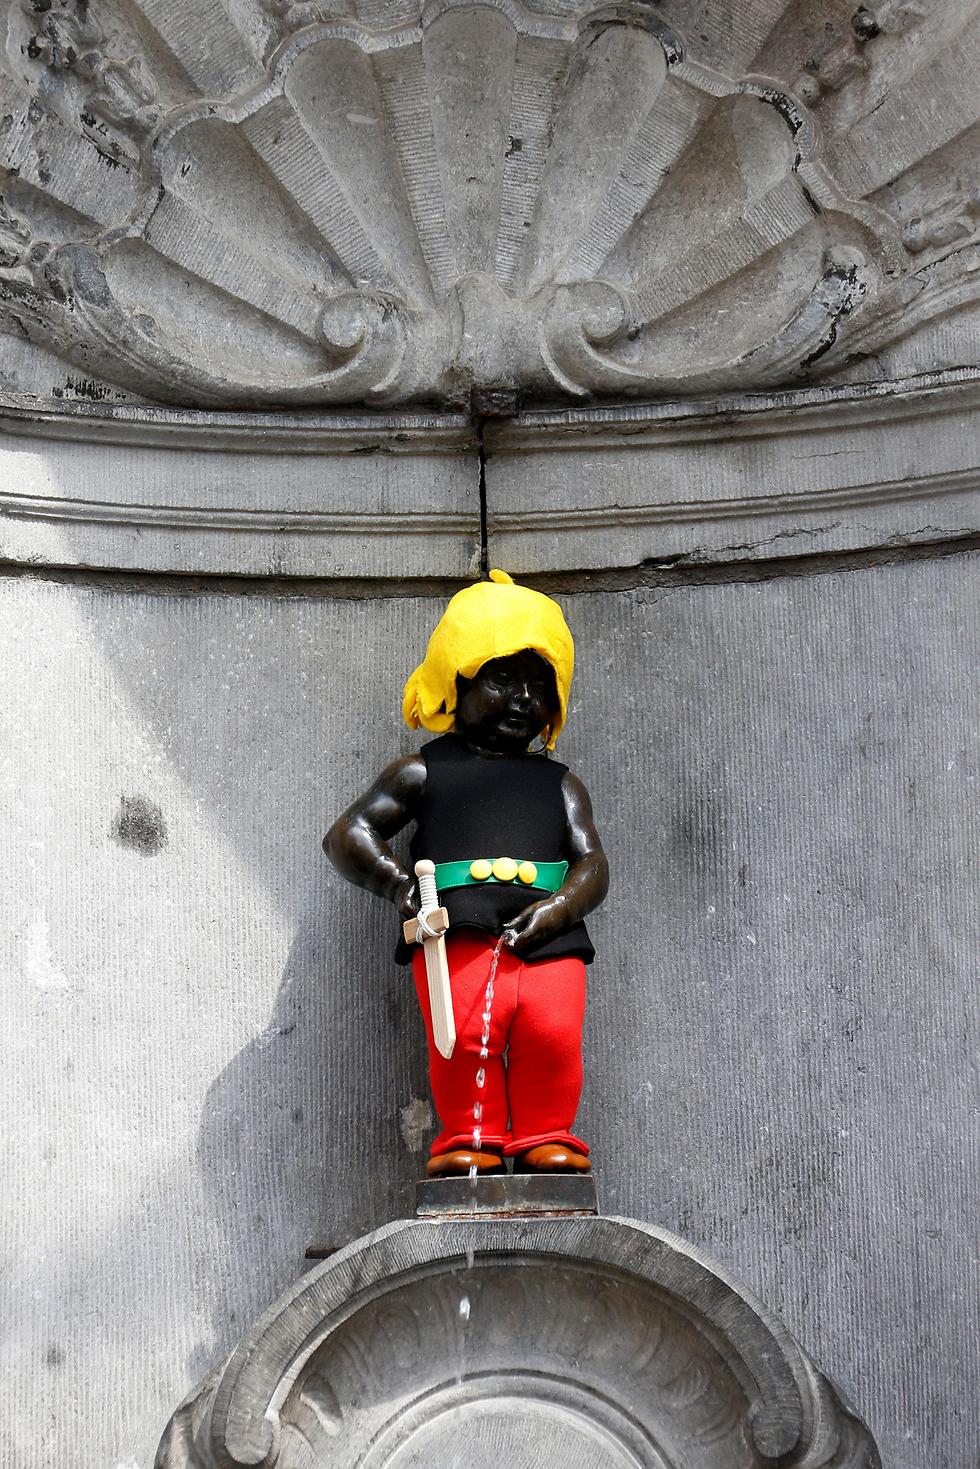 """פסל הילד המשתין האייקוני של בריסל התחפש לגיבור הקומיקס הצרפתי """"אסטריקס"""" לרגל פרסום מהדורת """"אסטריקס בבריסל"""" (צילום: רויטרס)"""